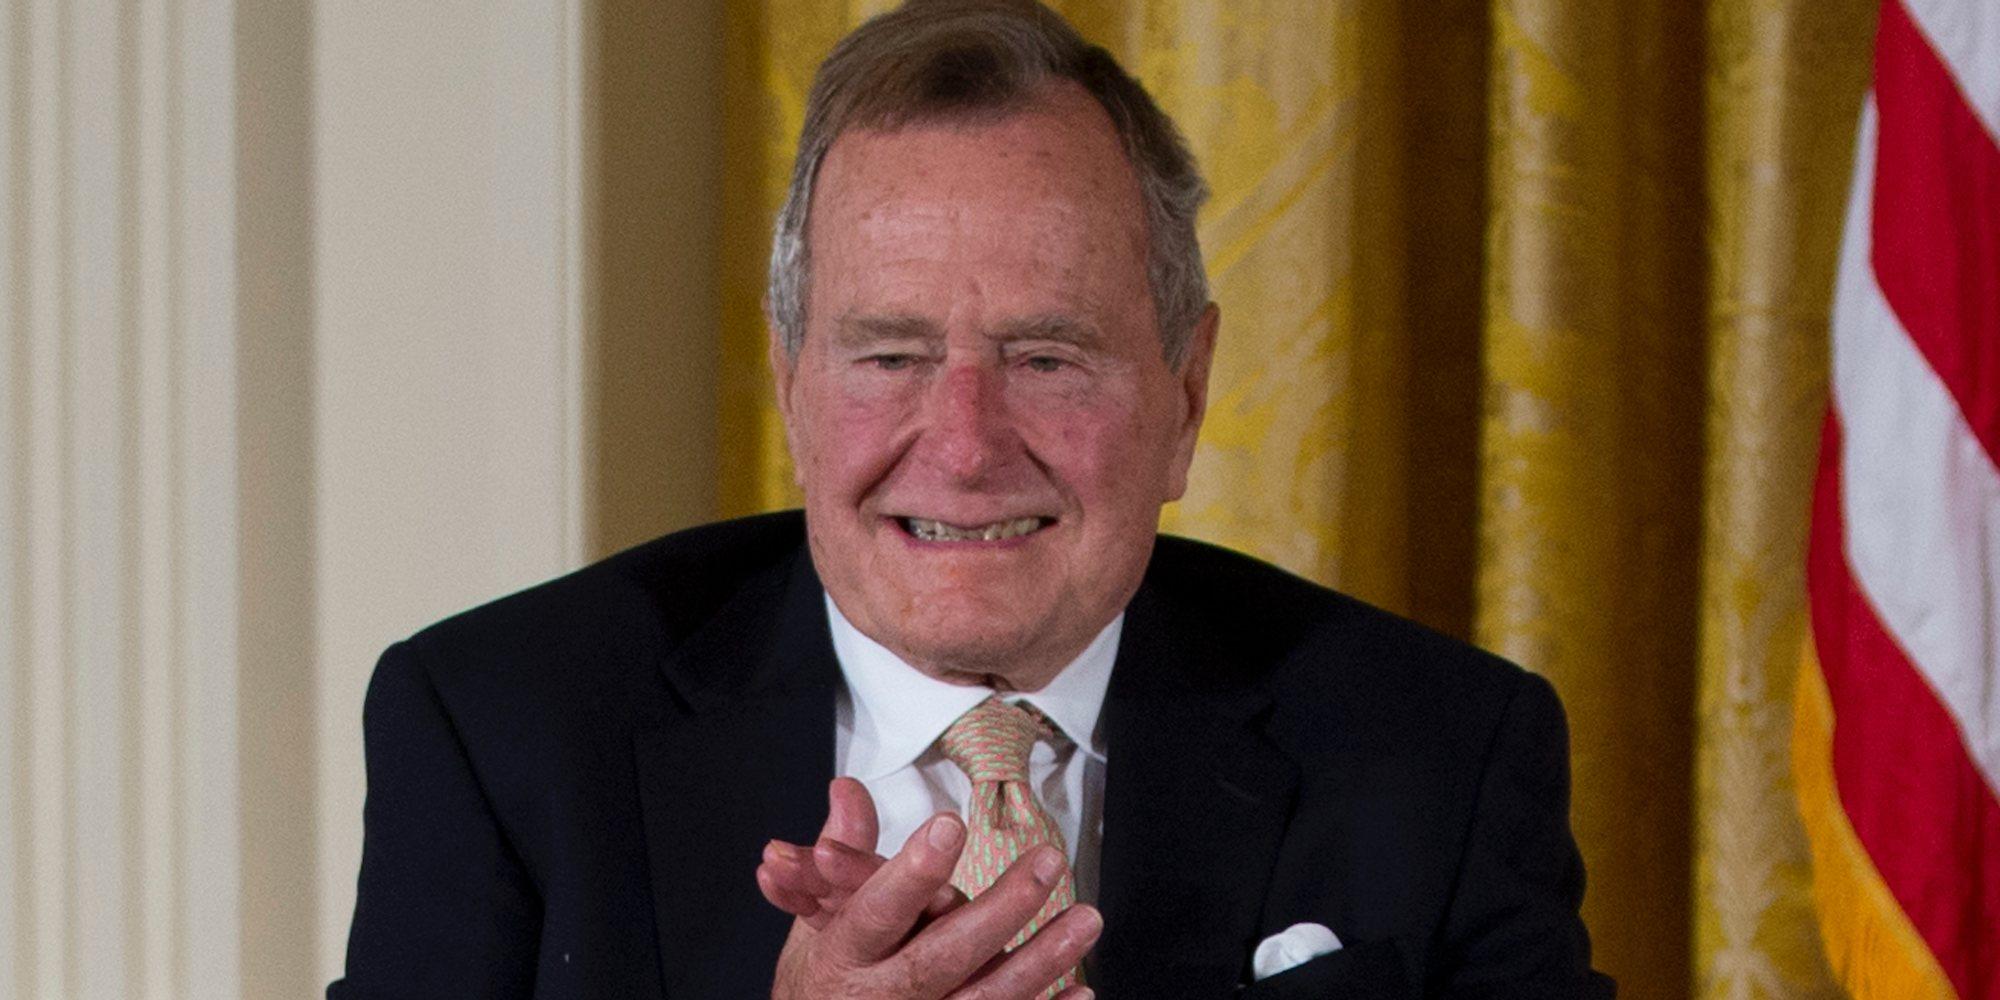 Muere George H. W. Bush, ex Presidente de los Estados Unidos, a los 94 años